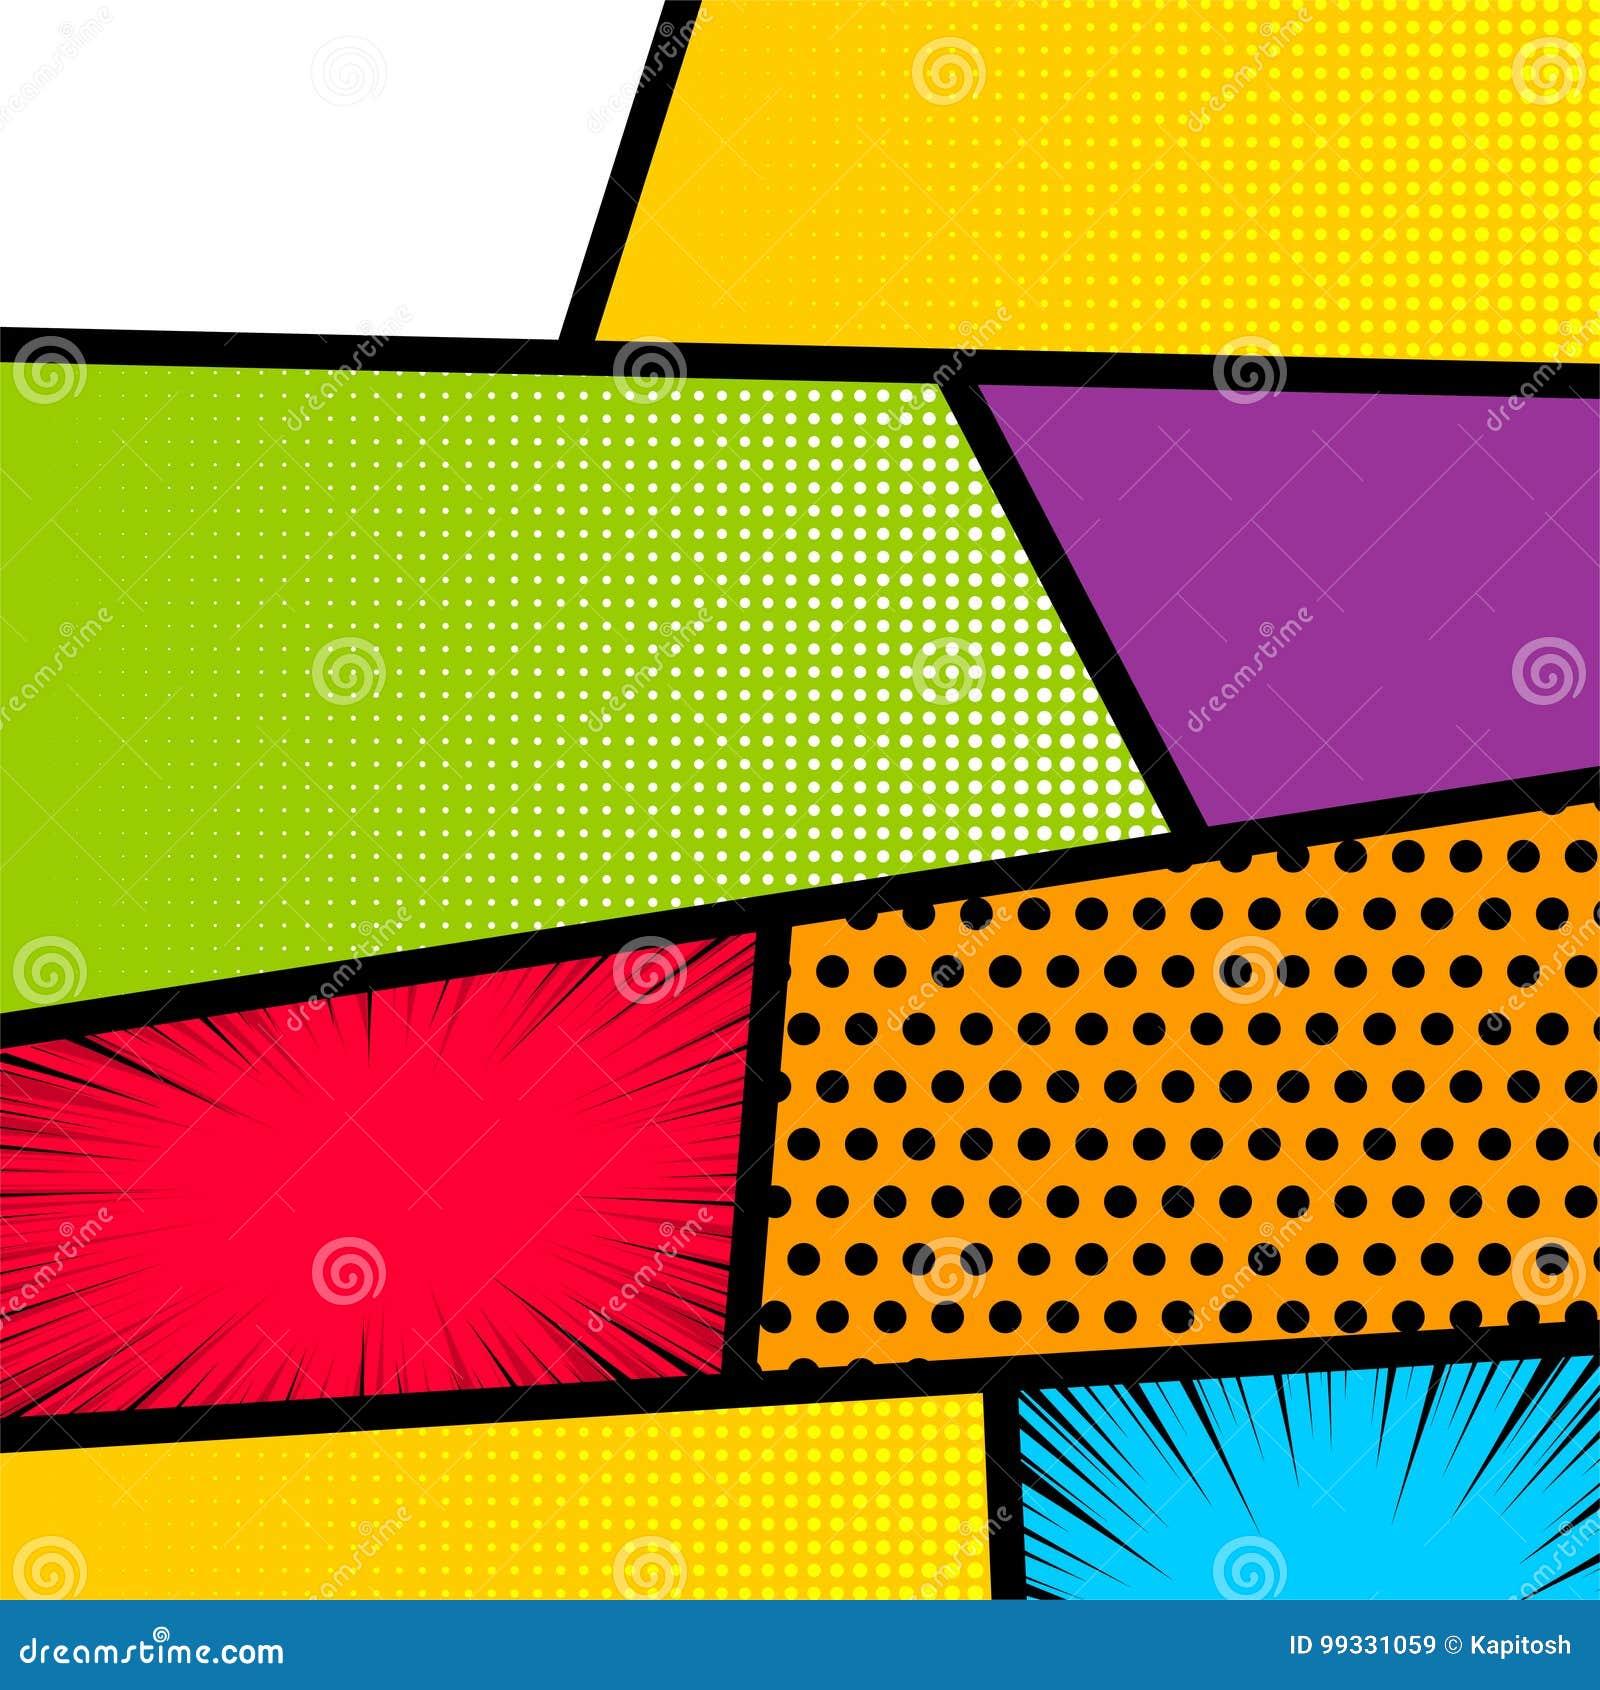 Download Pop Art Comic Book Strip Background Stock Vector